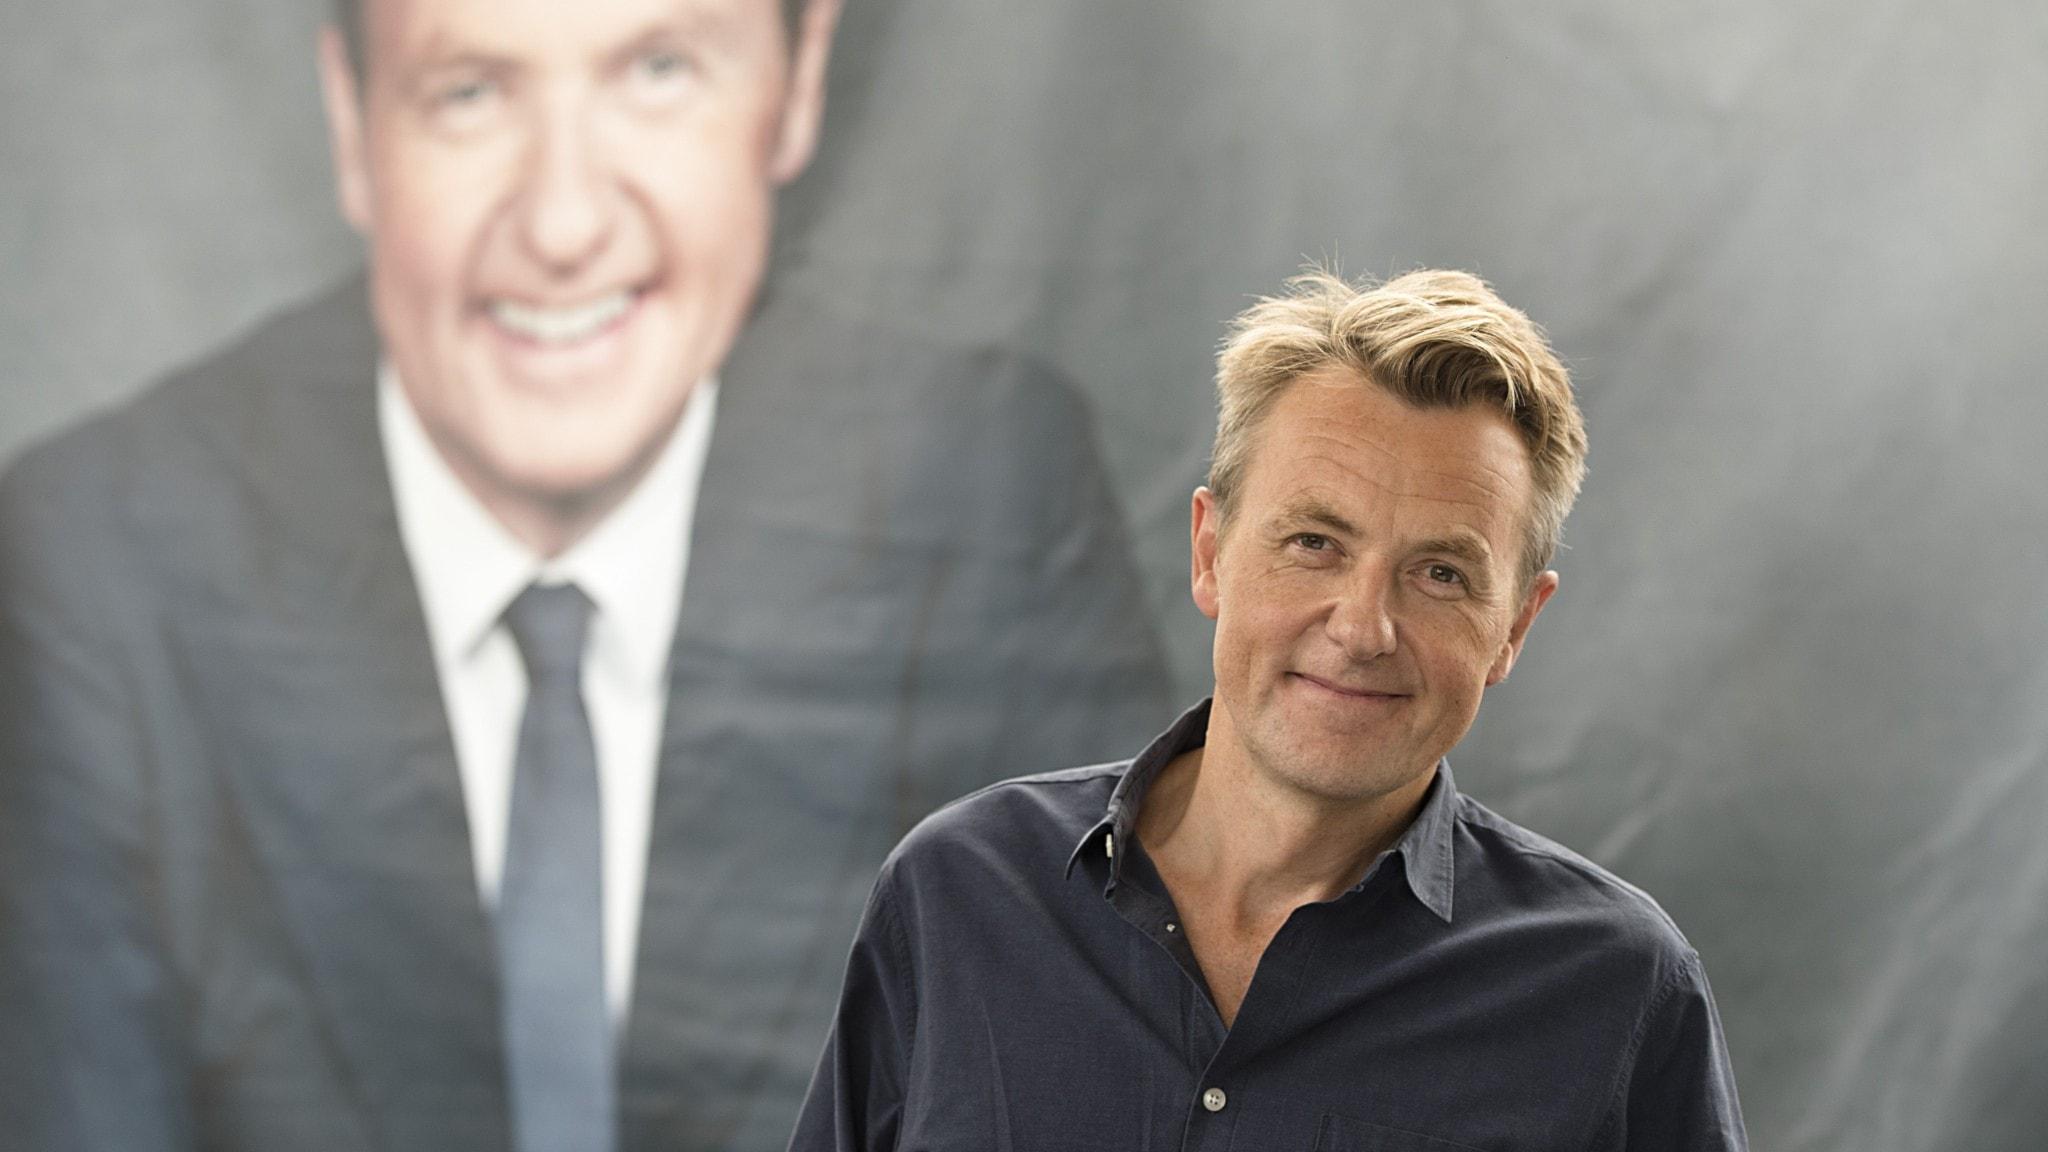 Porträtt av programledaren Fredrik Skavlan framför ett porträtt av sig själv.